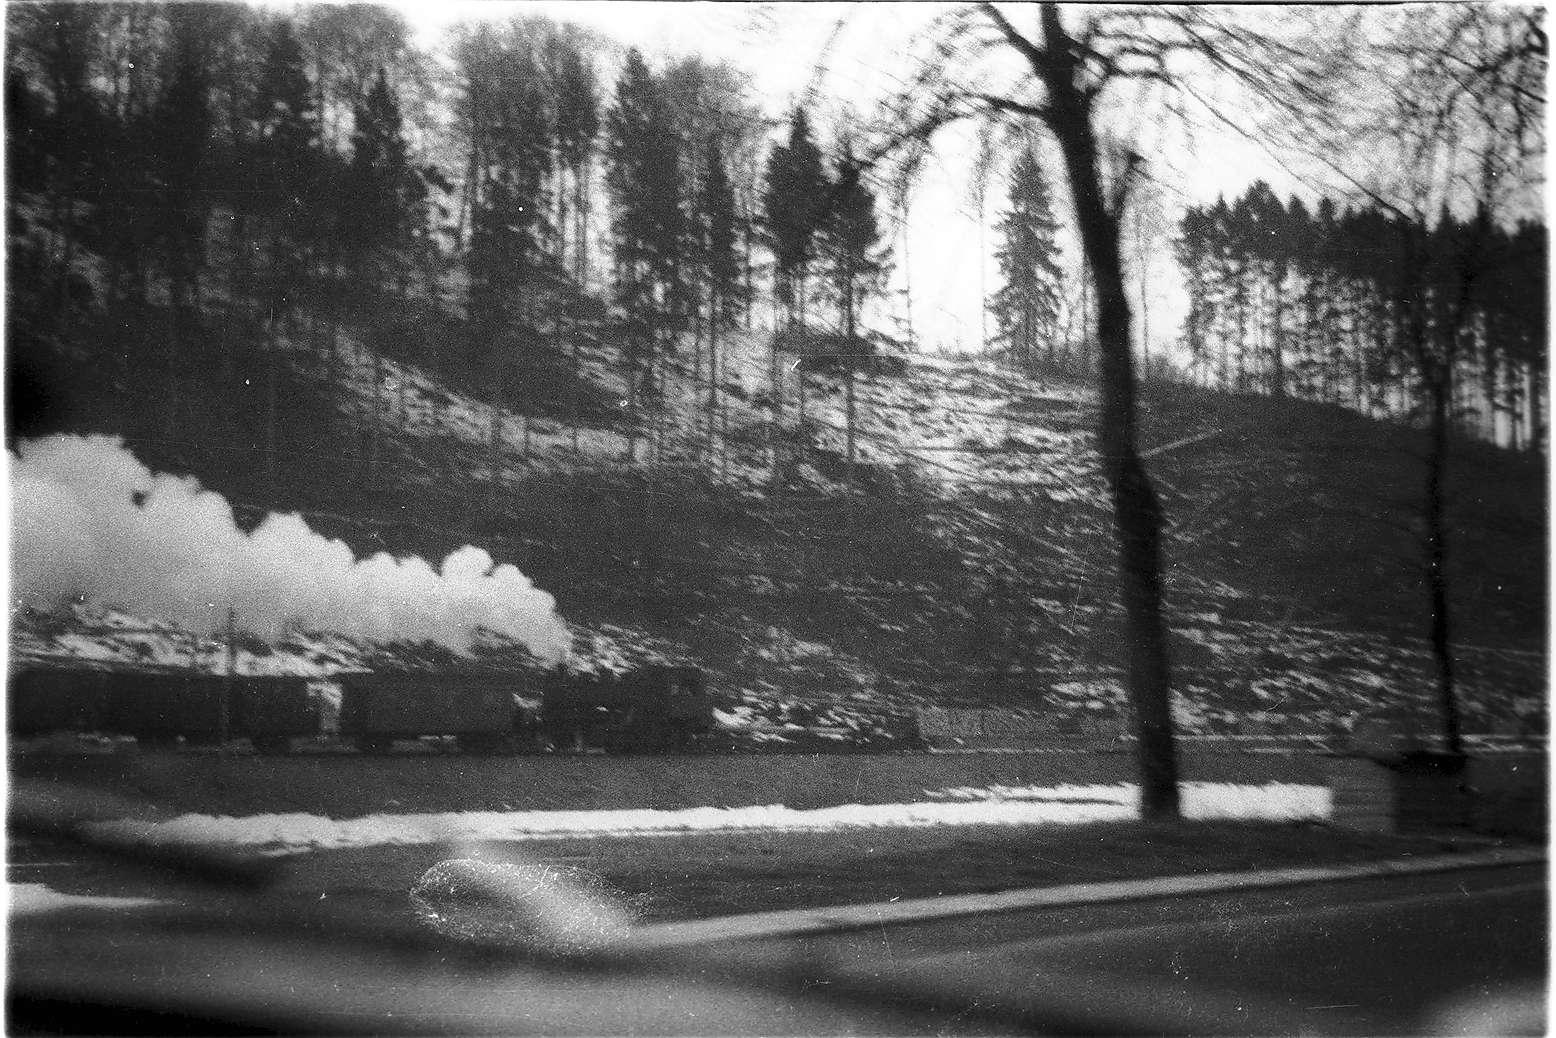 Lok 141, Gammertingen - Trochtelfingen, Blick aus einem Auto bei Mägerkingen, Bild 1